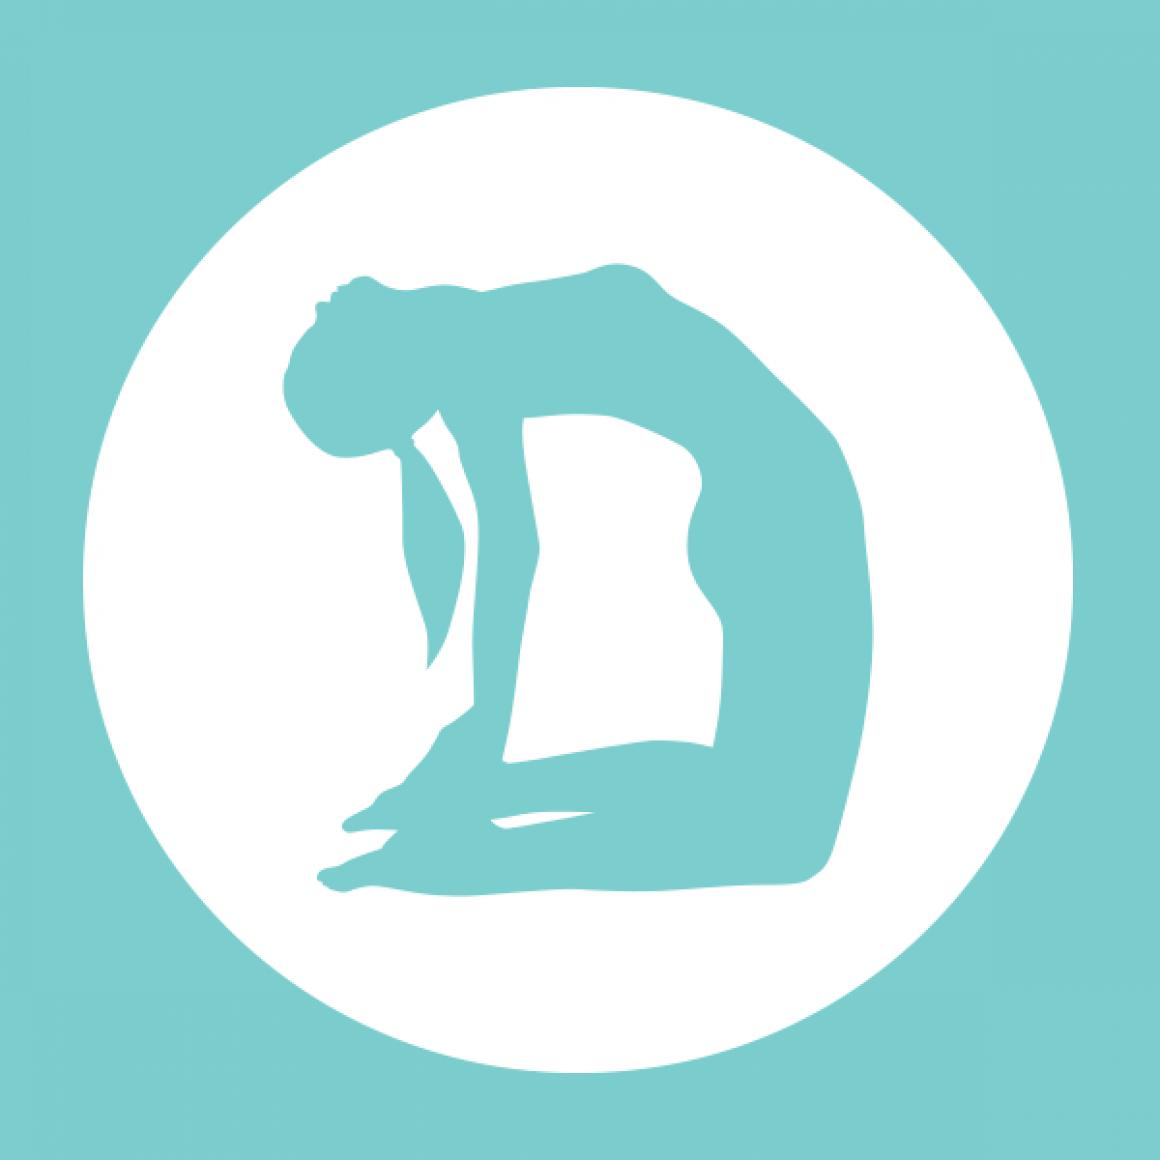 TENZA schmiede Dresden Pilates Cindy Hammer